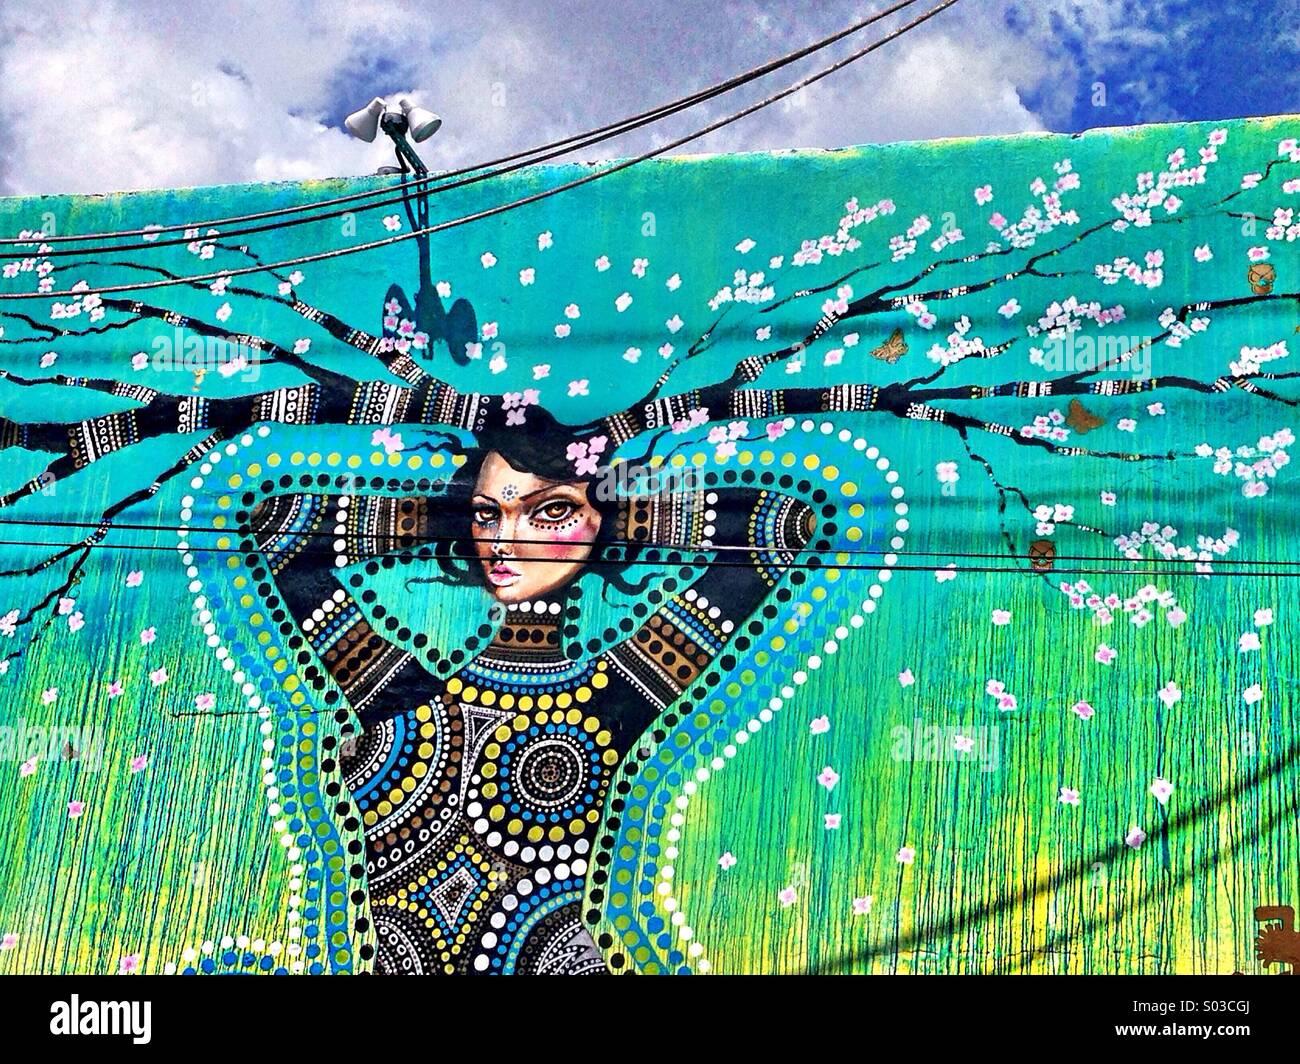 Wynwood Art District, Miami Florida Stock Photo: 309862354 - Alamy